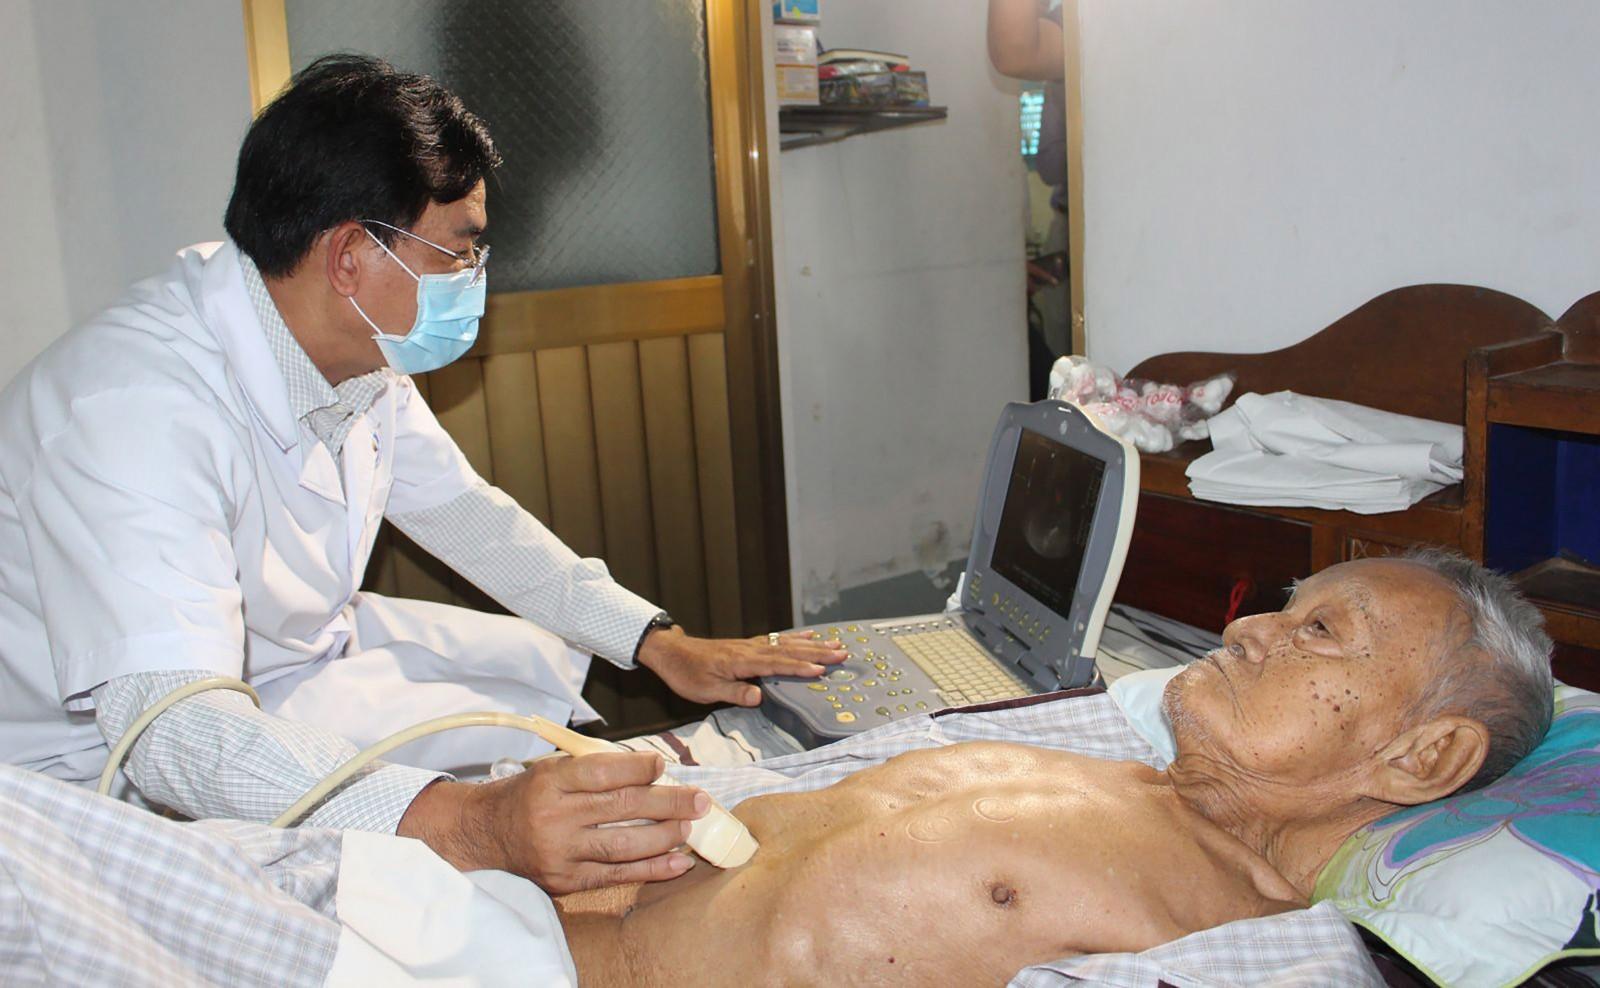 Cung cấp dịch vụ y tế tận nhà cho người bệnh